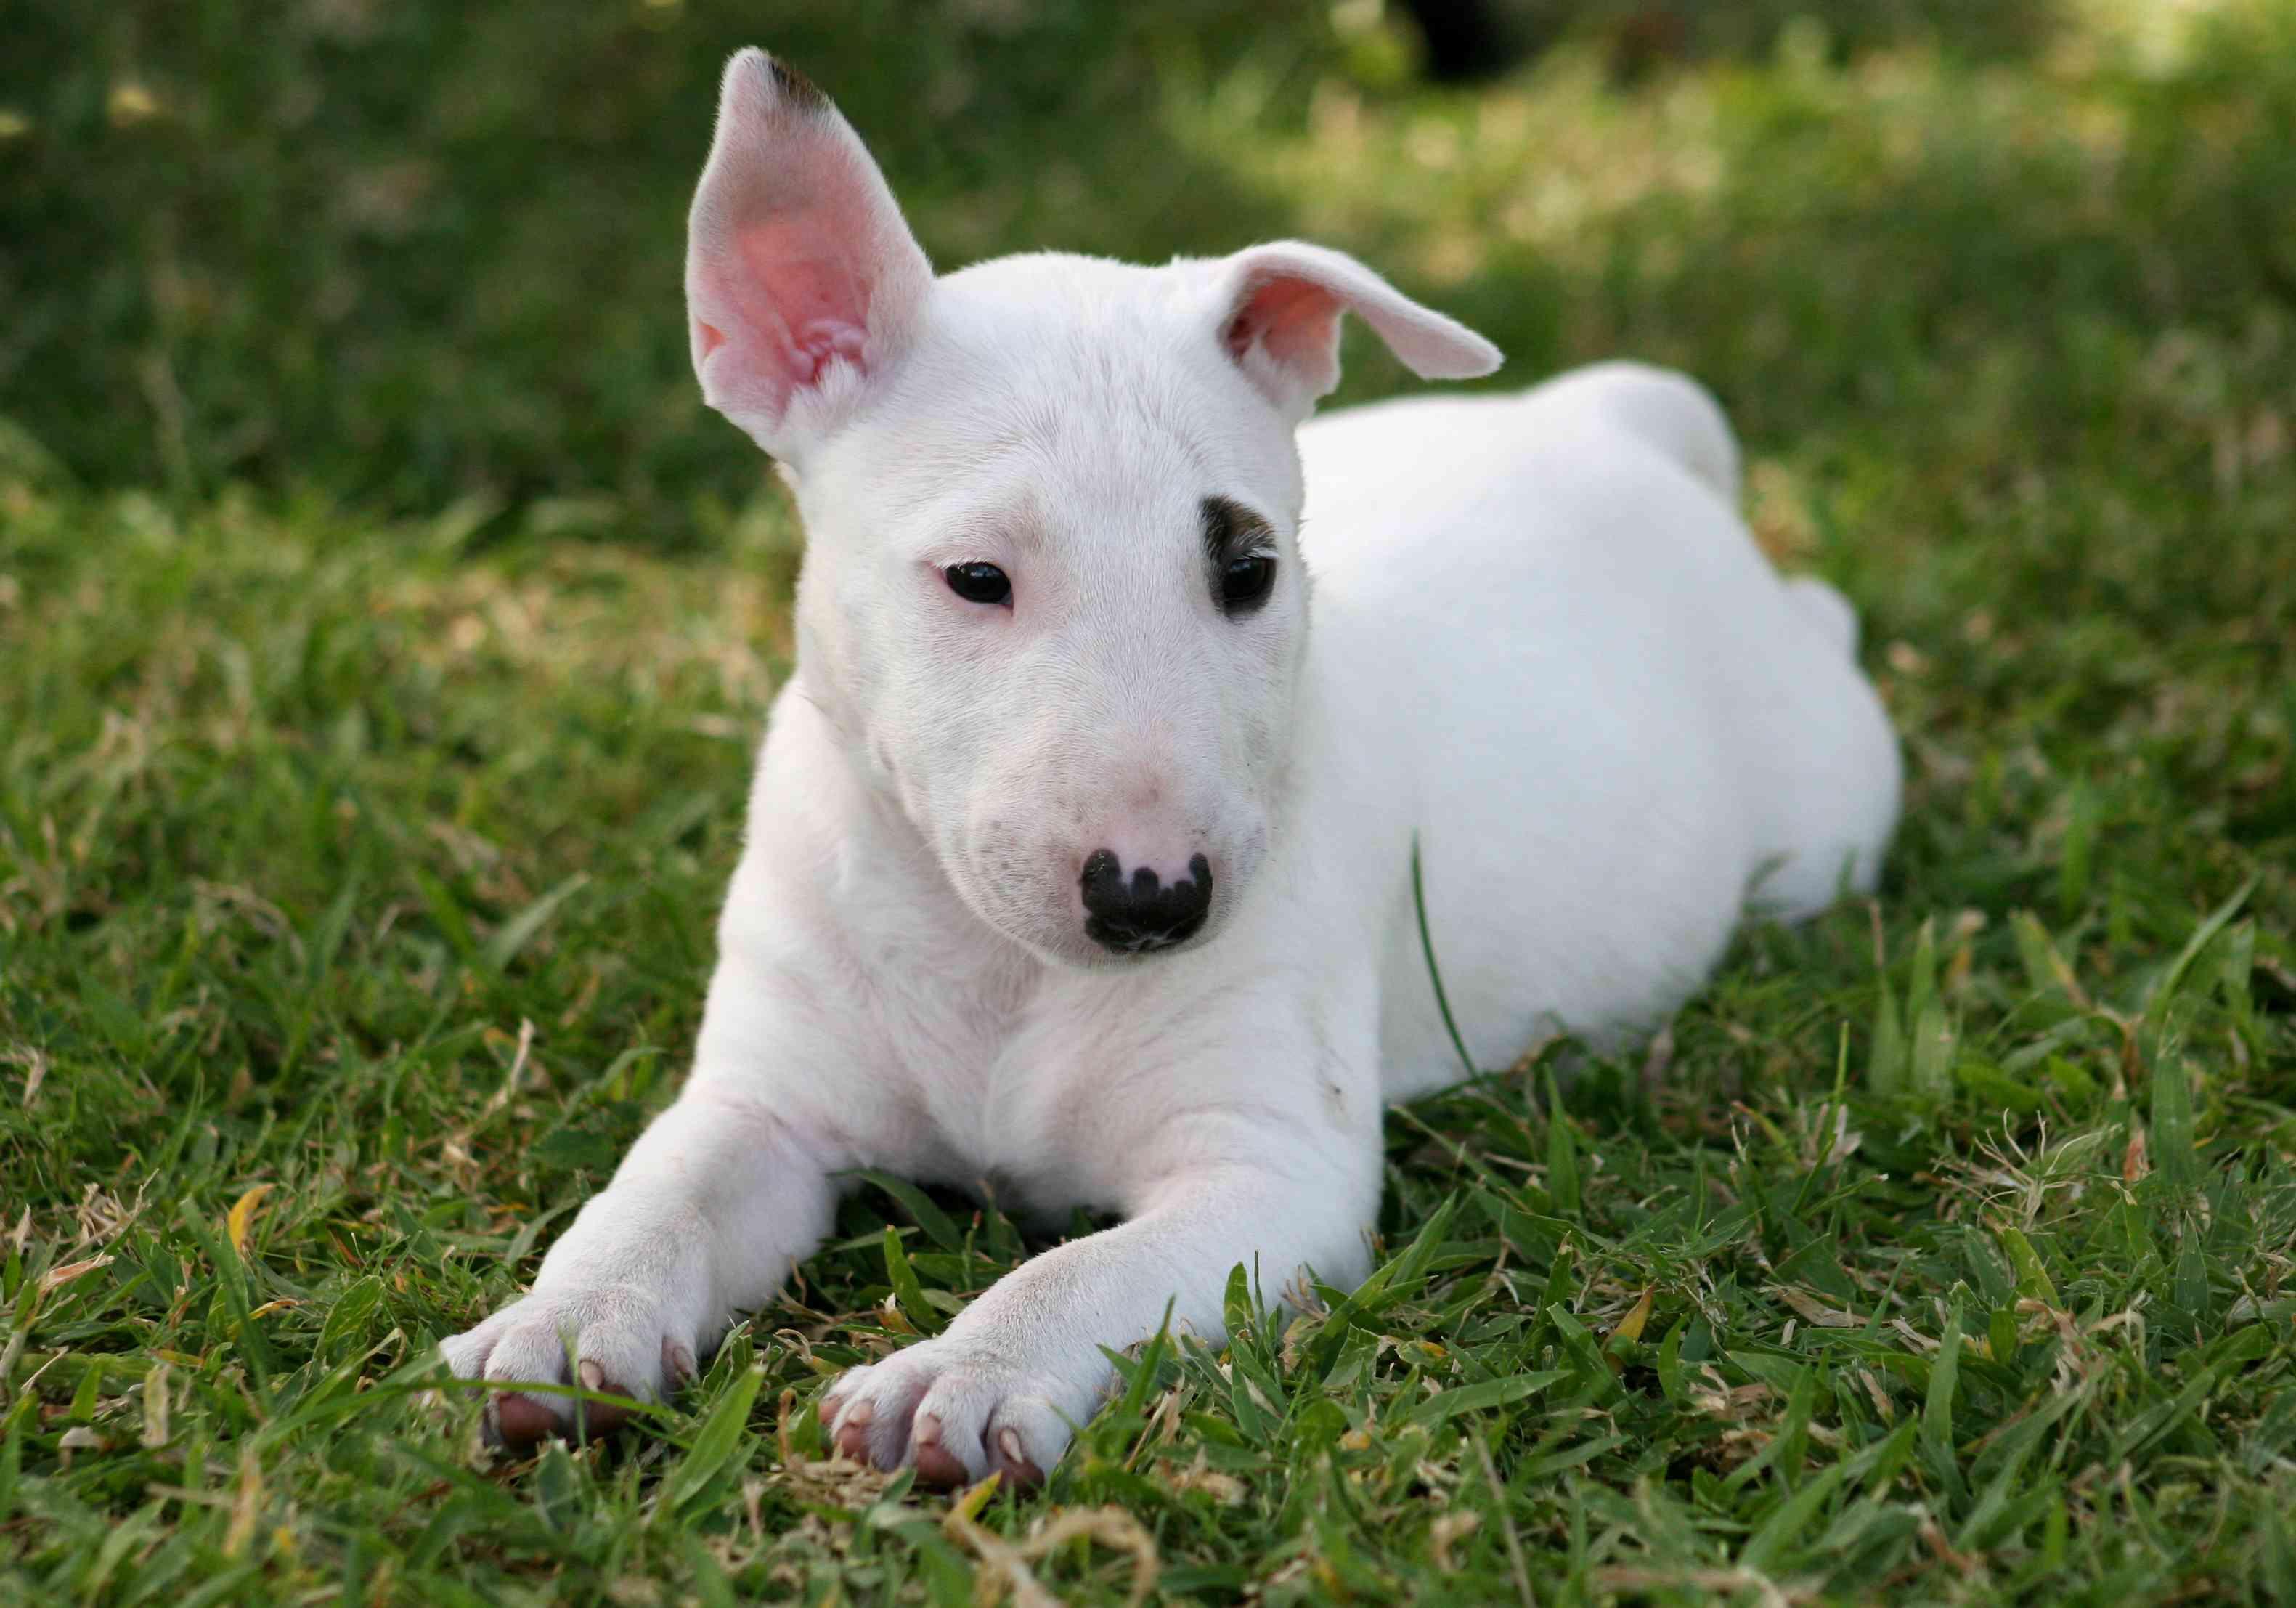 Miniature bull terrier puppy on grass